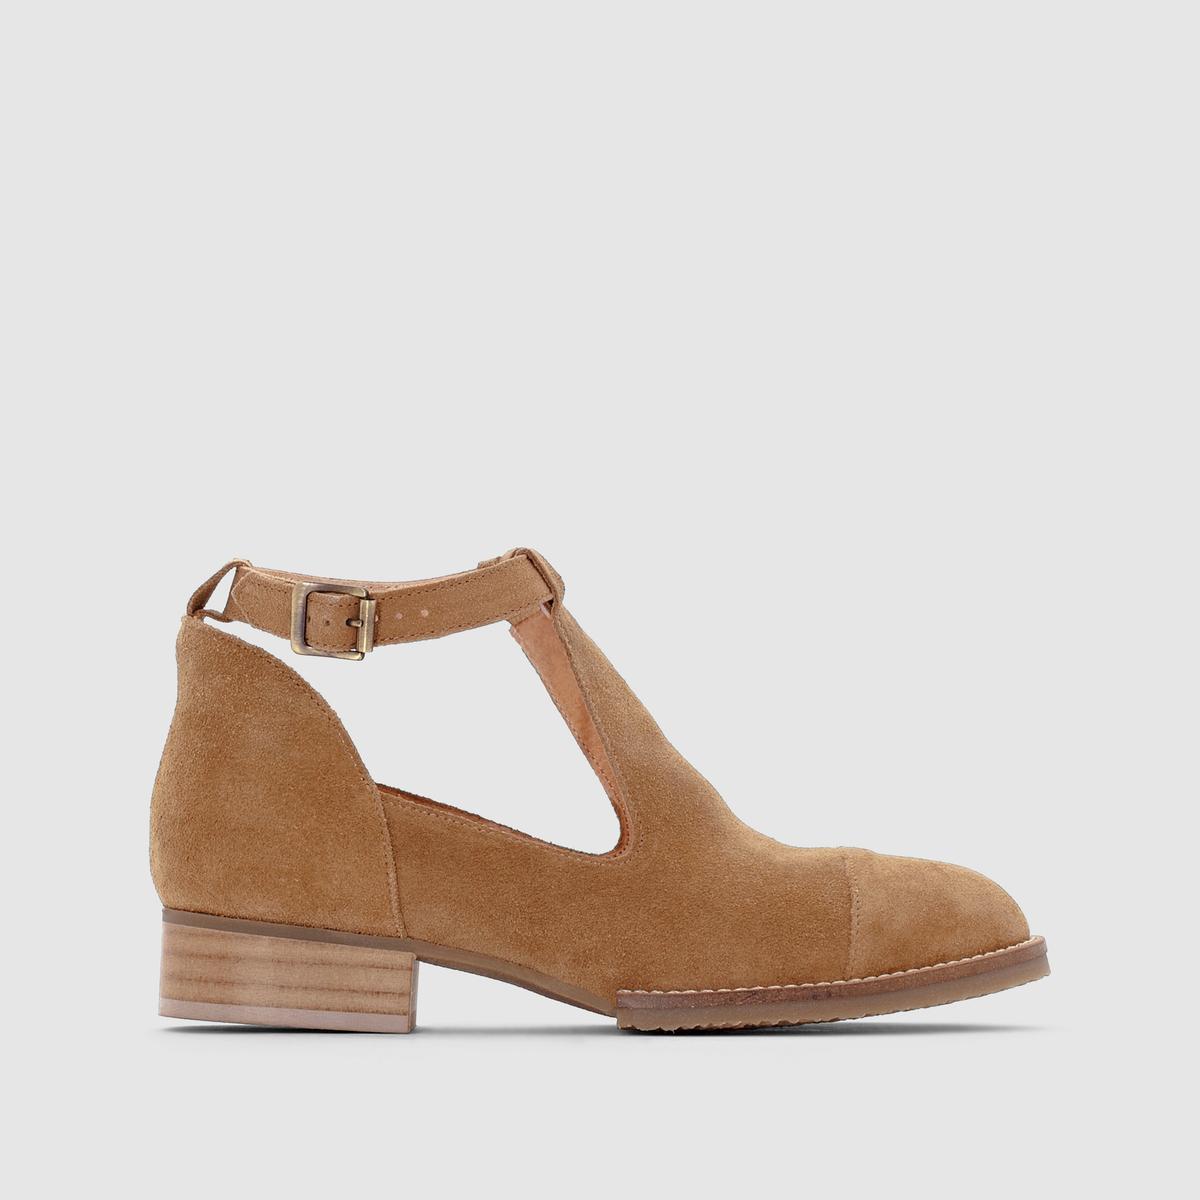 Ботинки ажурные из кожи JONAKПреимущества:   : Слегка завышенные ботинки, стильные и ажурные, в стиле сандалий. Гарантия оригинальности от JONAK.<br><br>Цвет: коньячный,темно-бежевый,черный<br>Размер: 37.39